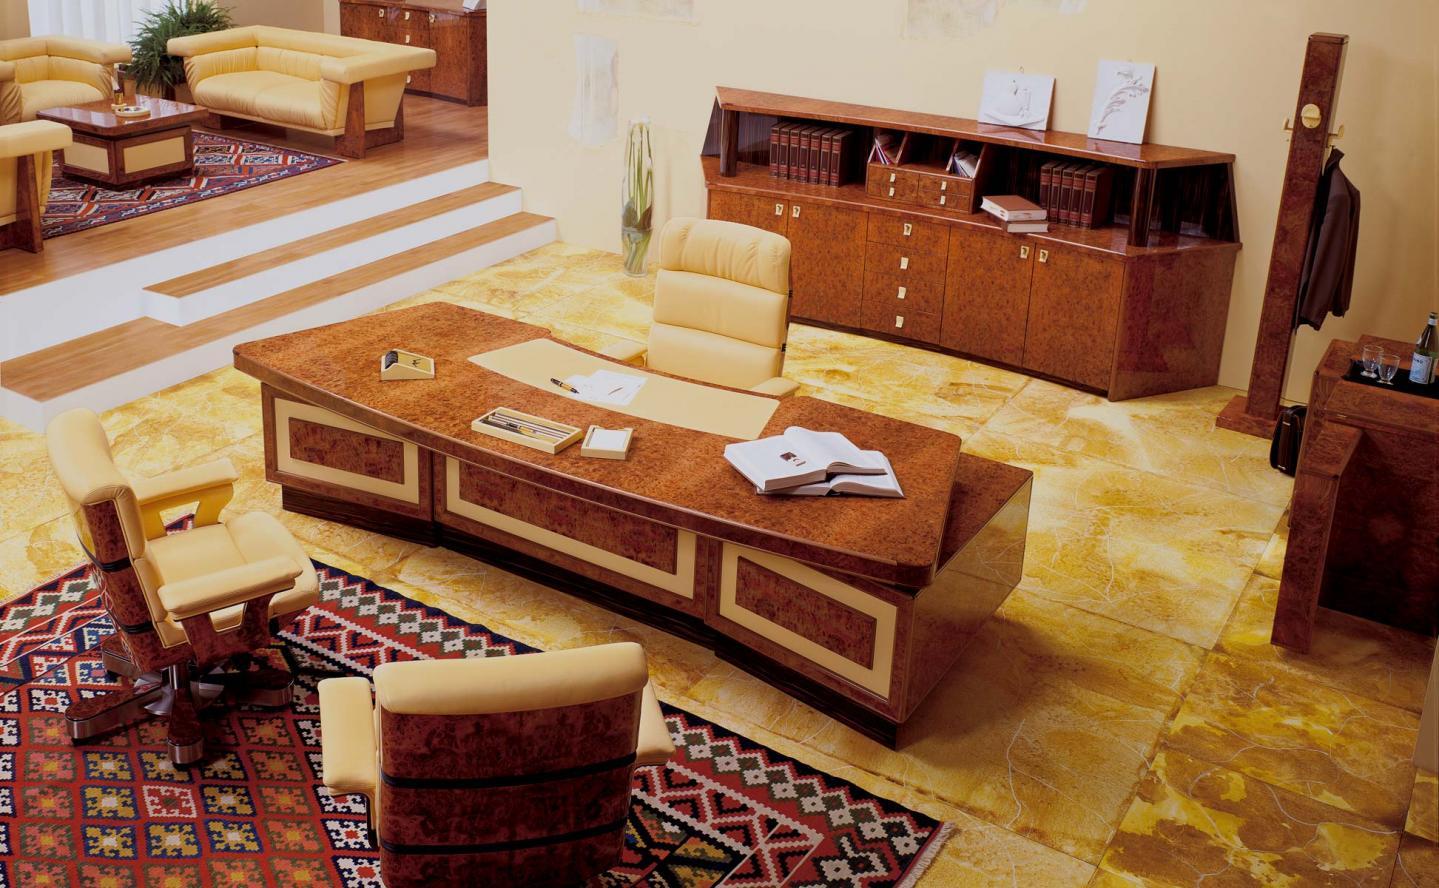 Ufficio saturno r a mobili - Mercatone uno mobili ufficio ...